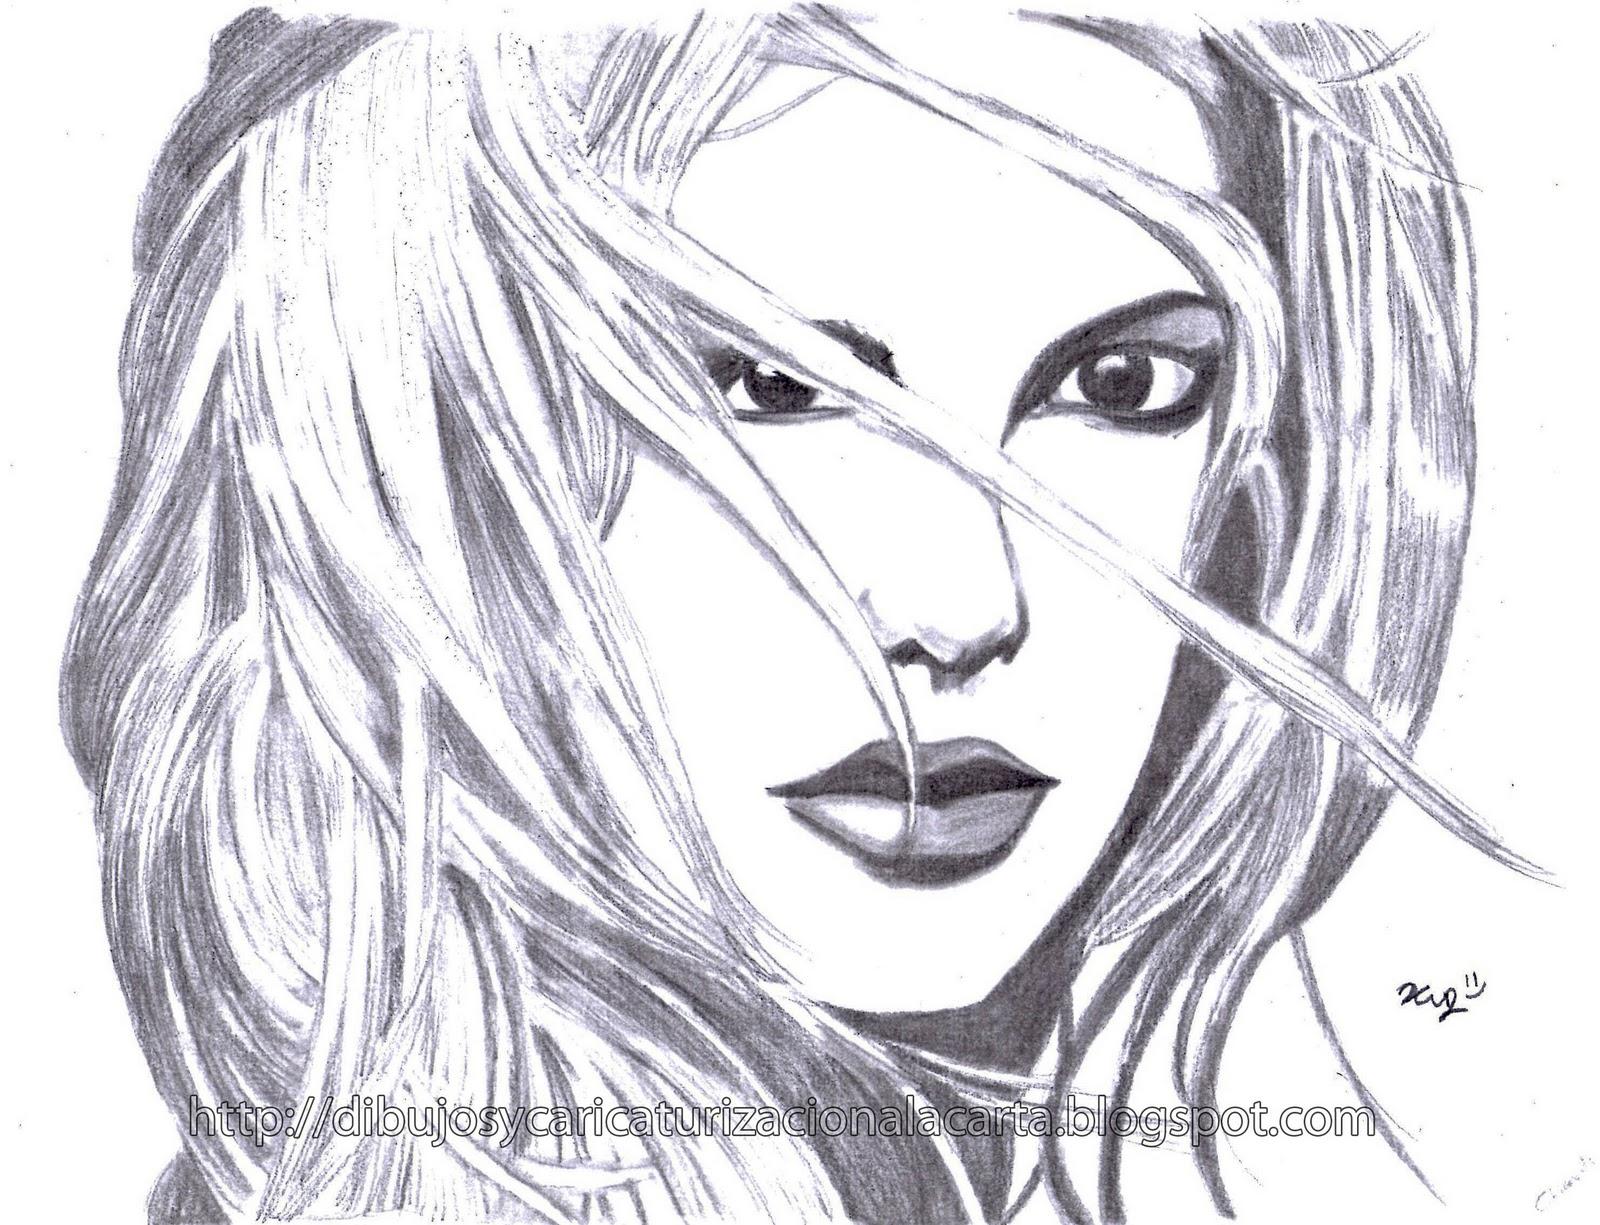 http://4.bp.blogspot.com/-5-KdWGCpDlY/TySNt5yjp5I/AAAAAAAAAIw/GNcHH7rfpS0/s1600/Britneyspears.jpg